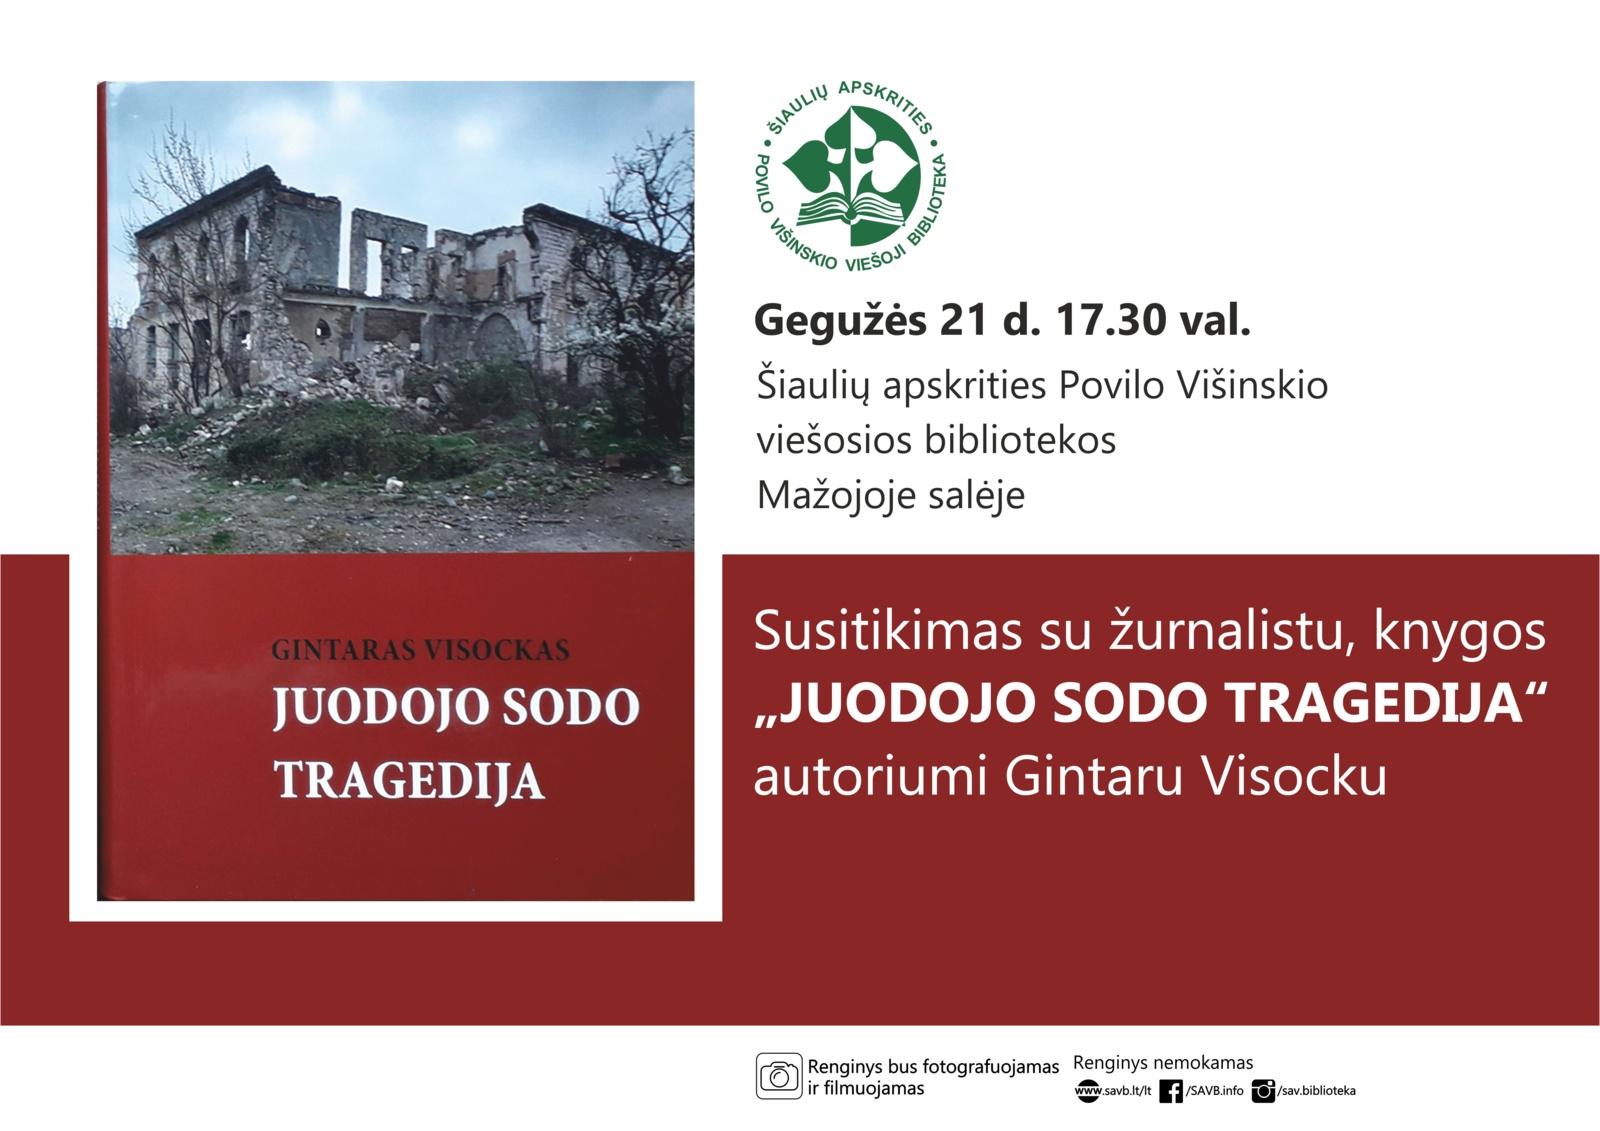 """Susitikimas su žurnalistu, knygos """"Juodojo Sodo tragedija"""" autoriumi Gintaru Visocku"""